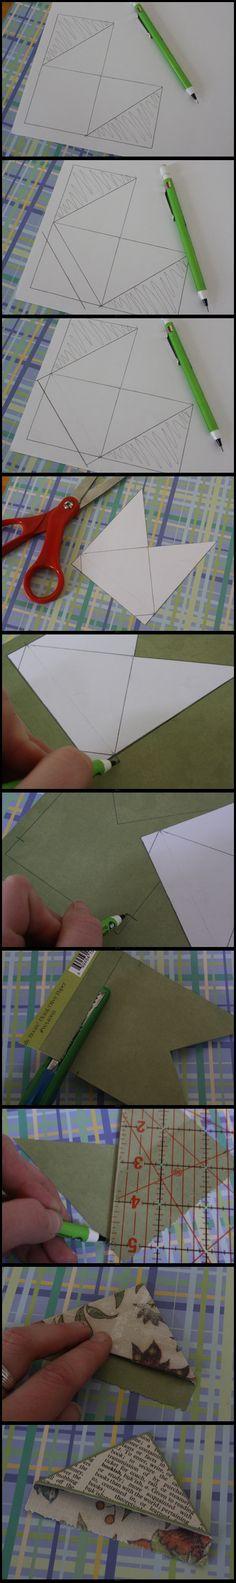 Marcapáginas Bookmarks, Paper Crafts, Crafty, Diy, Ideas, Manualidades, Bricolage, Tissue Paper Crafts, Marque Page